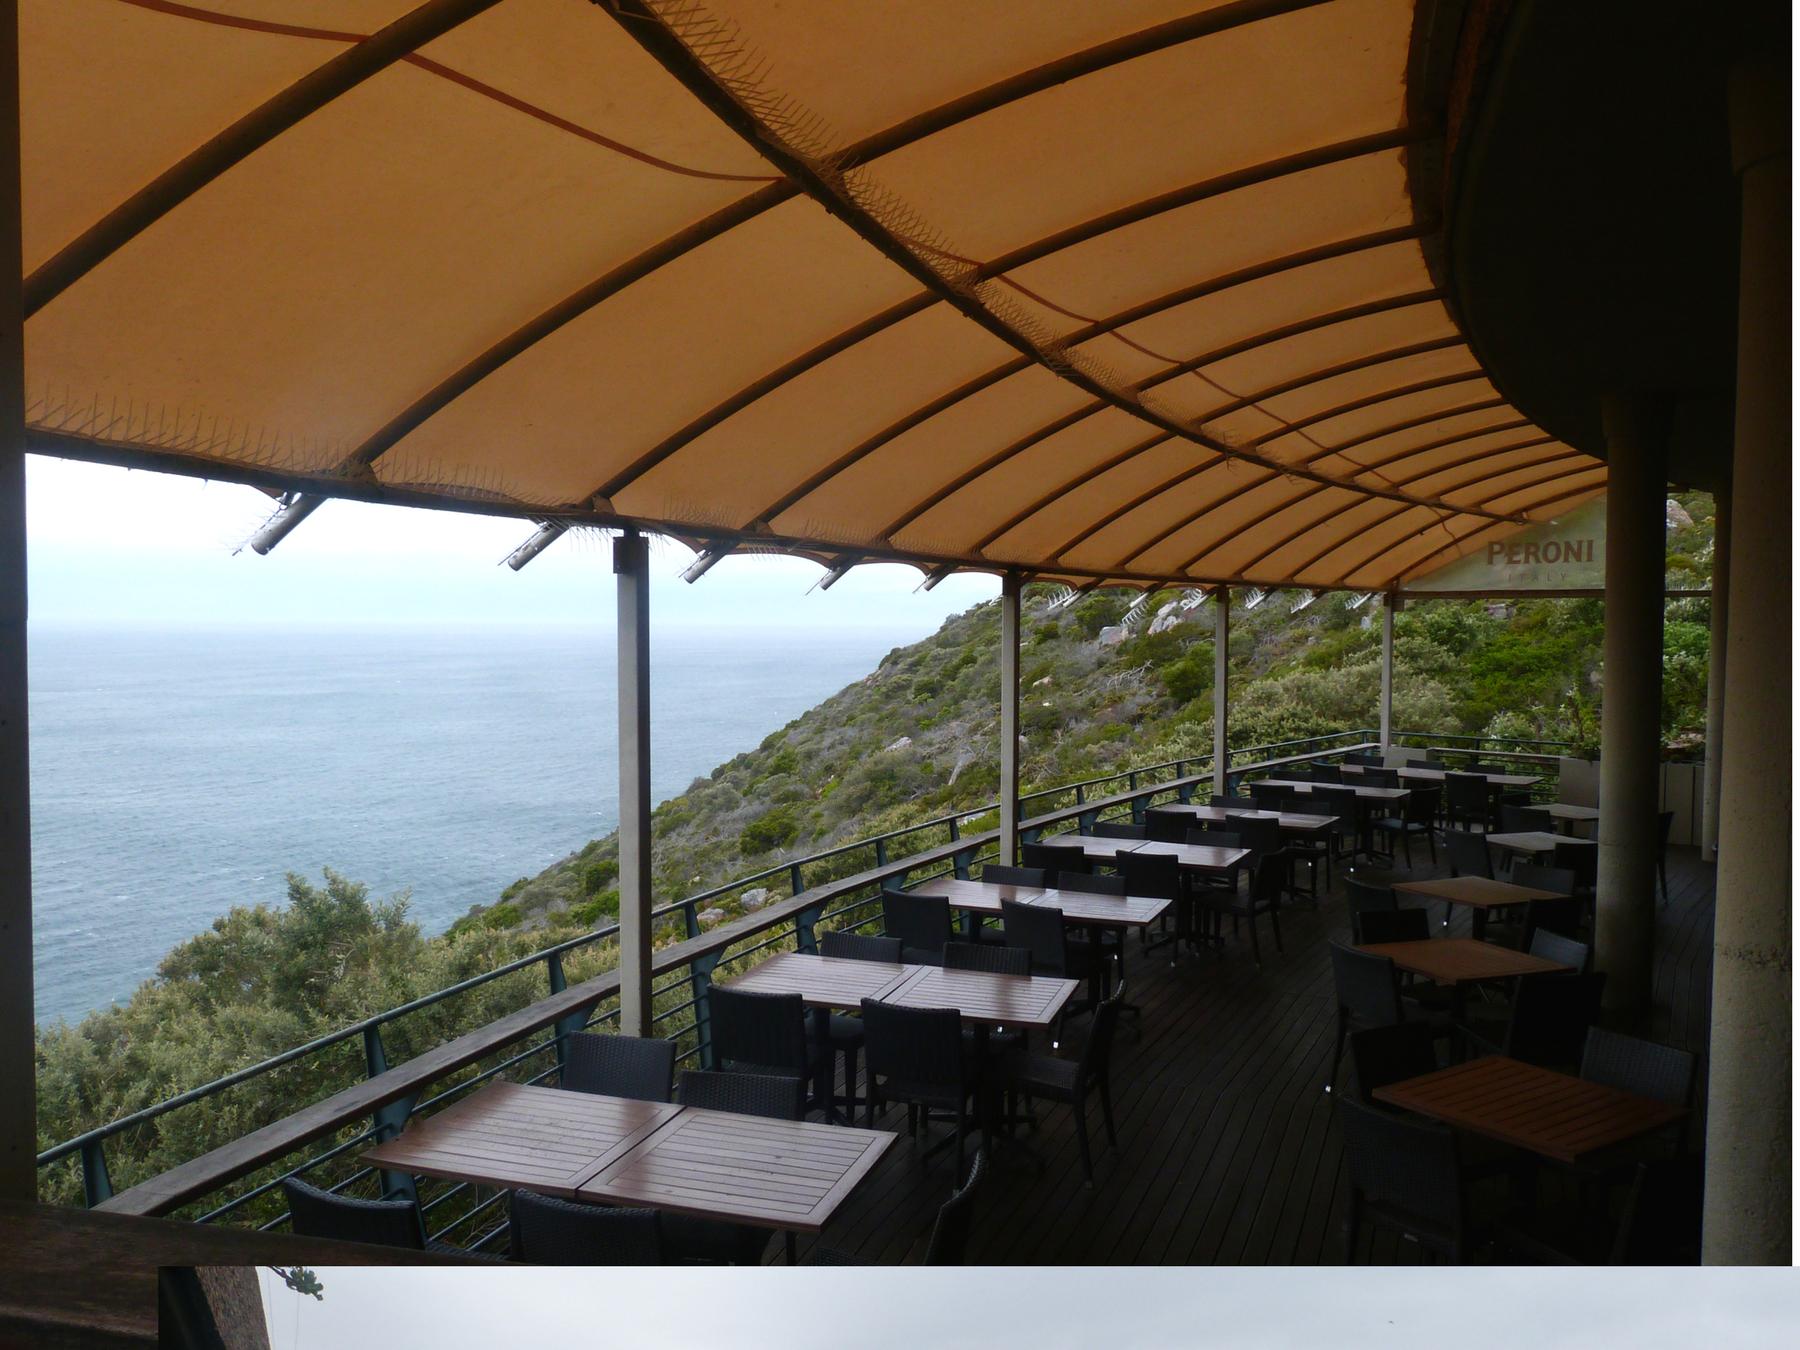 Roteiro-Cidade-do-Cabo-4-a-7-dias-two-oceans-restaurante Roteiro Cidade do Cabo 4 a 7 dias (Sensacional)!